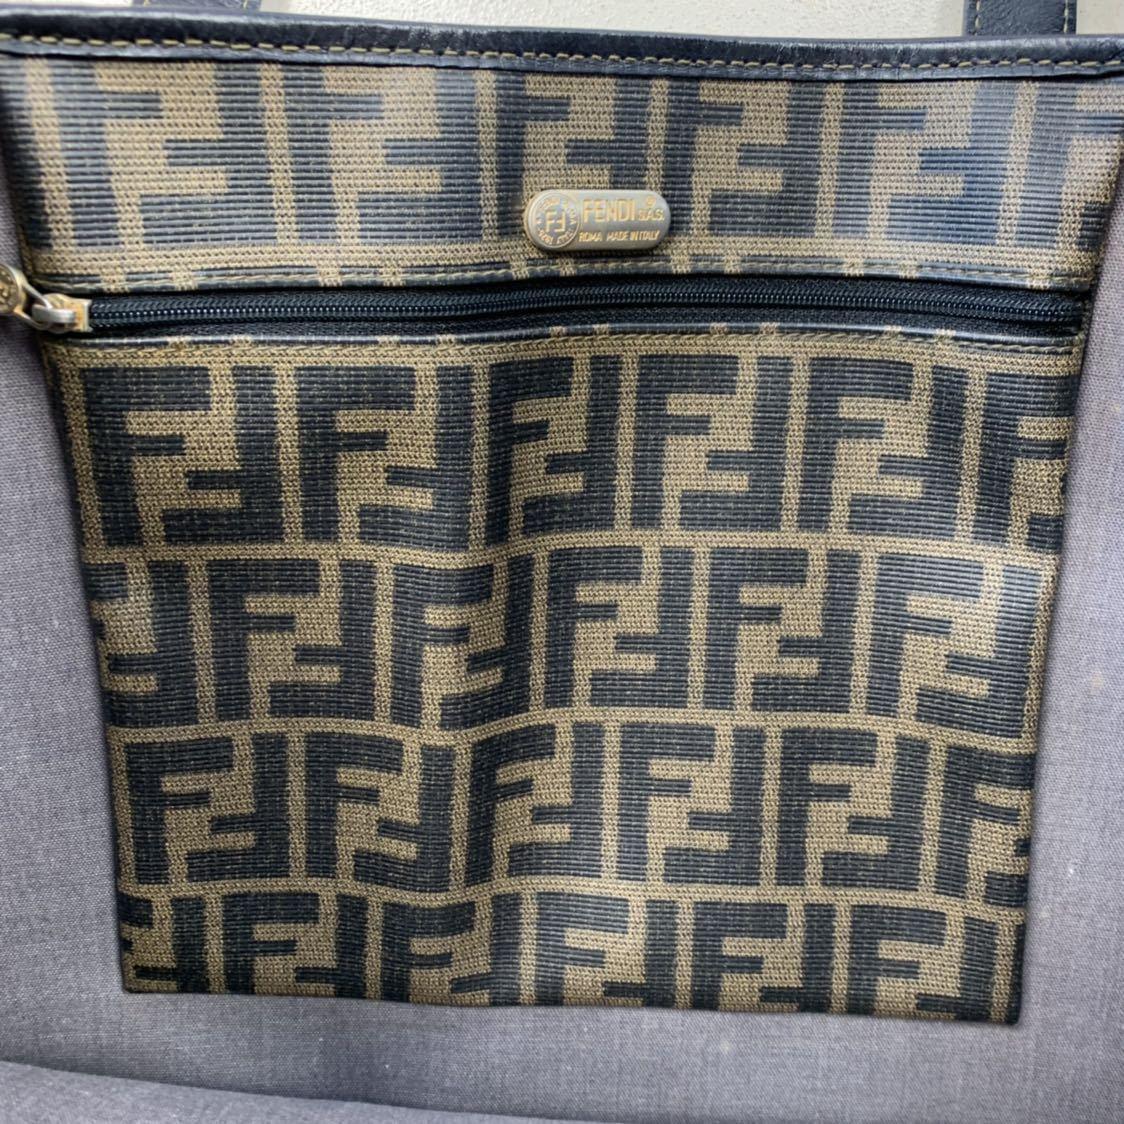 フェンディ FENDI ズッカ柄 ユニセックス ショッピングトートバッグ イタリア製正規品 美品_画像5